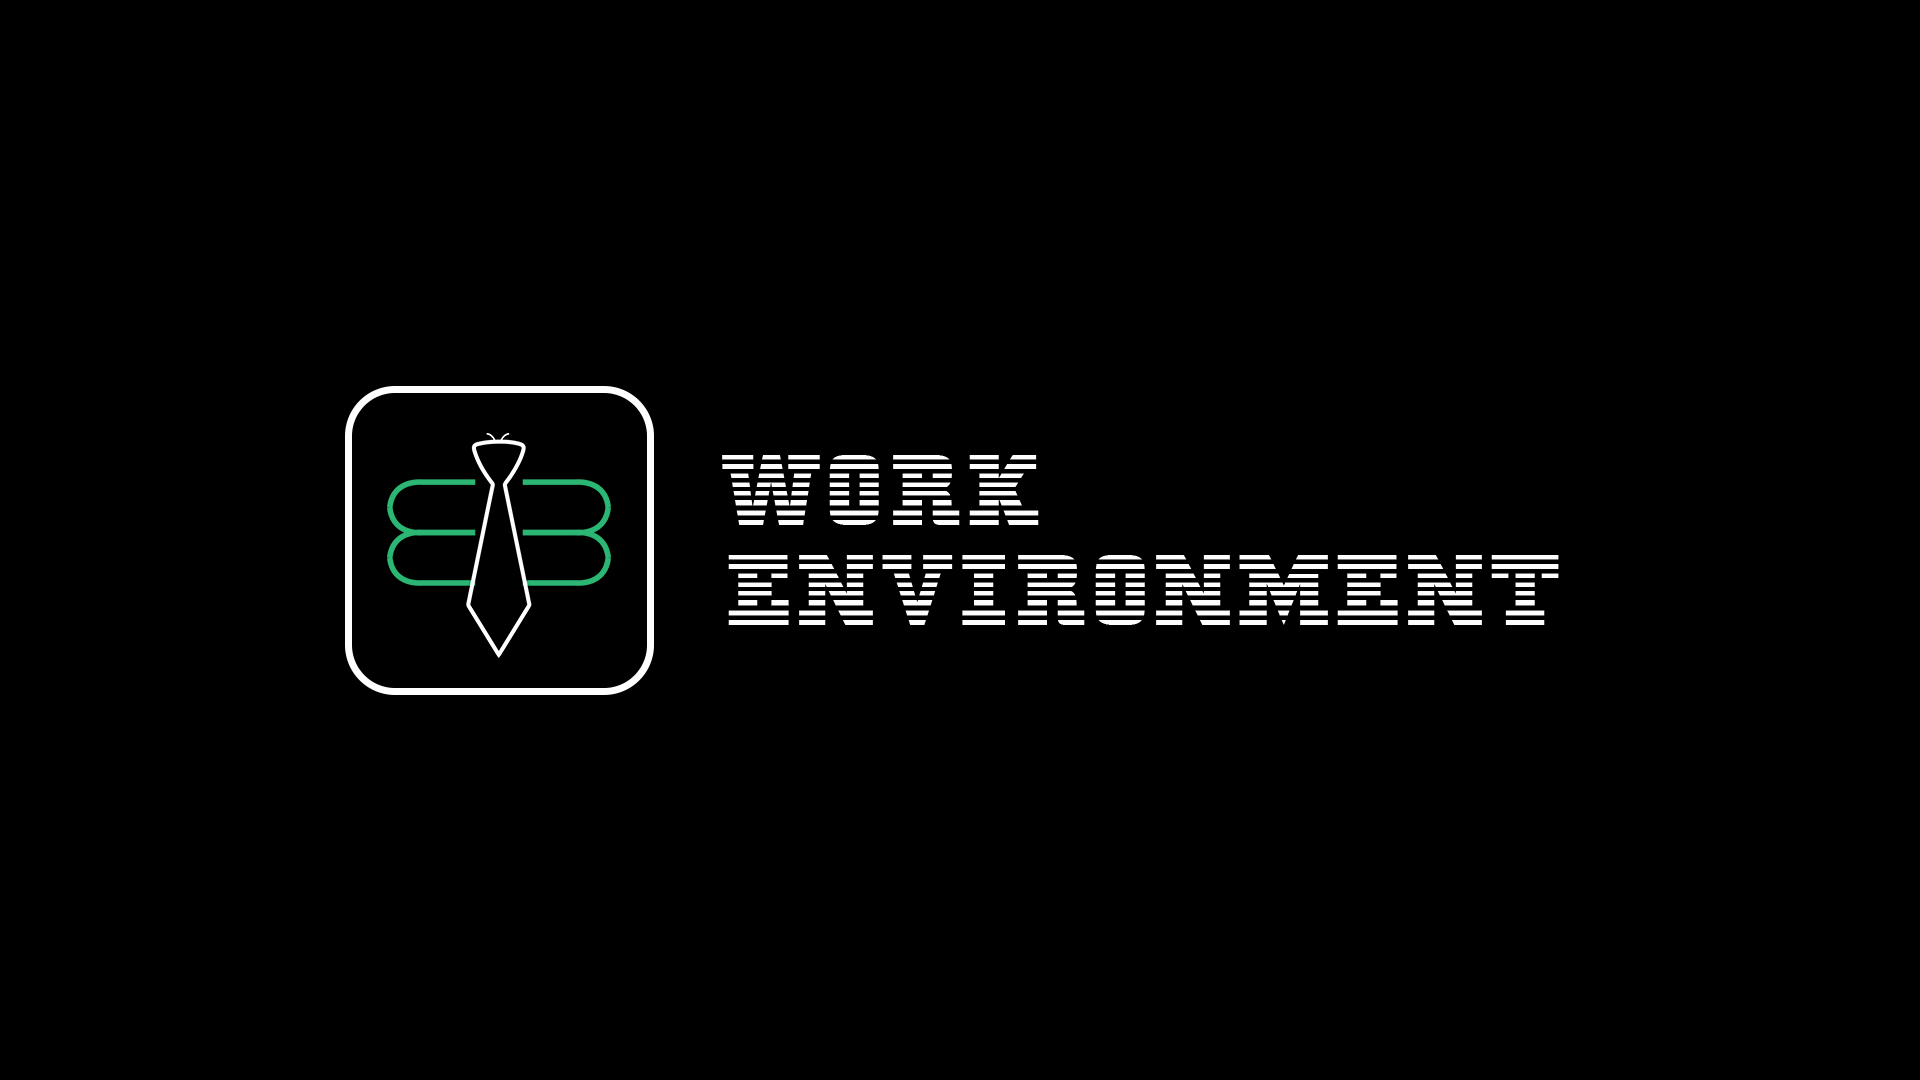 IBM Work Environment